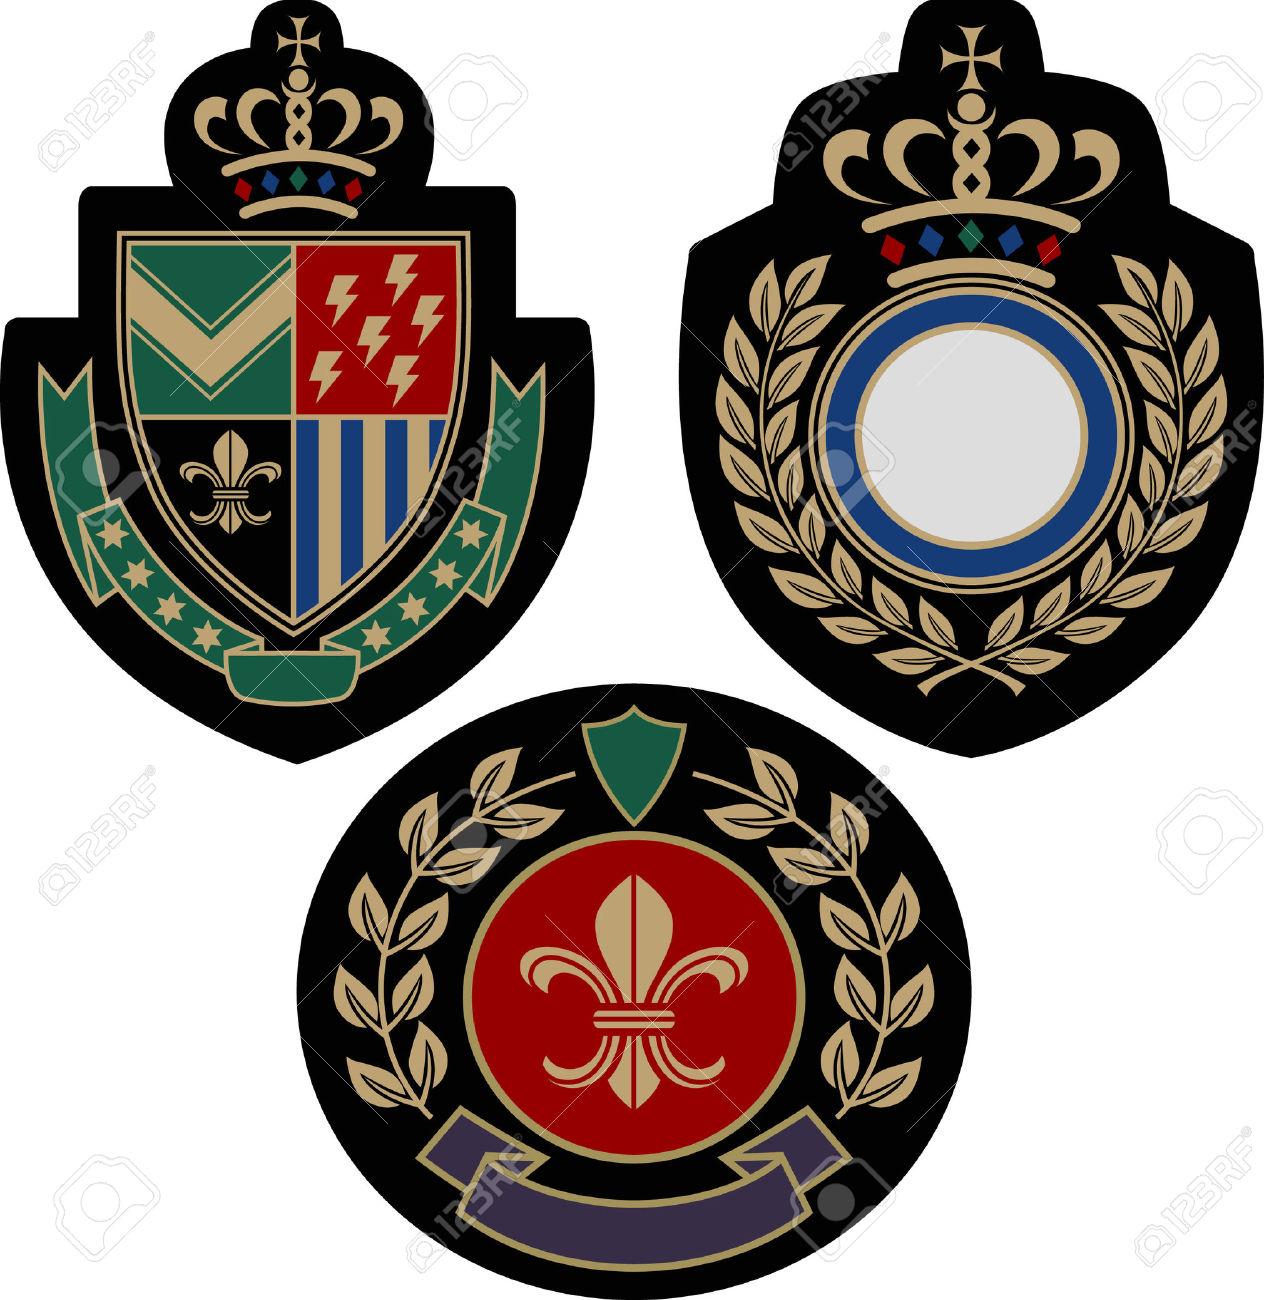 Shield clipart military badge Badge Insigina Cliparts Royalty Shield